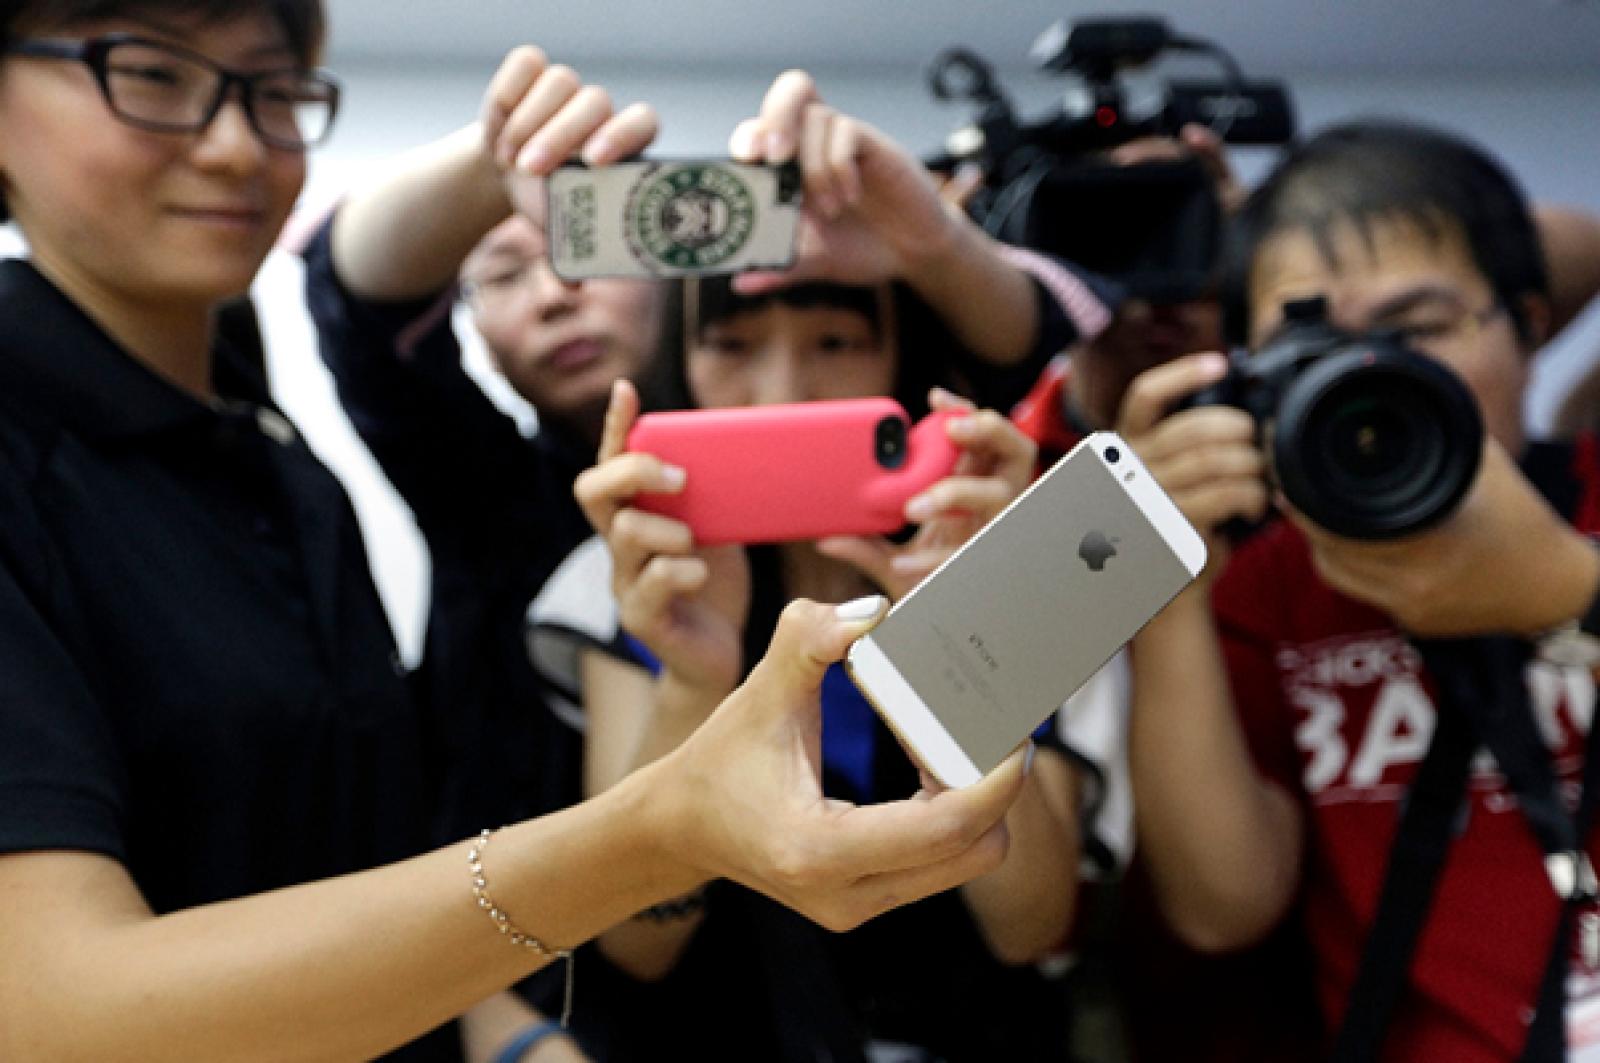 Apple busca que el iPhone 5C sea su arma de entrada a los mercados emergentes, principalmente el chino, donde sus dispositivos son demasiado caros para ser comprados.